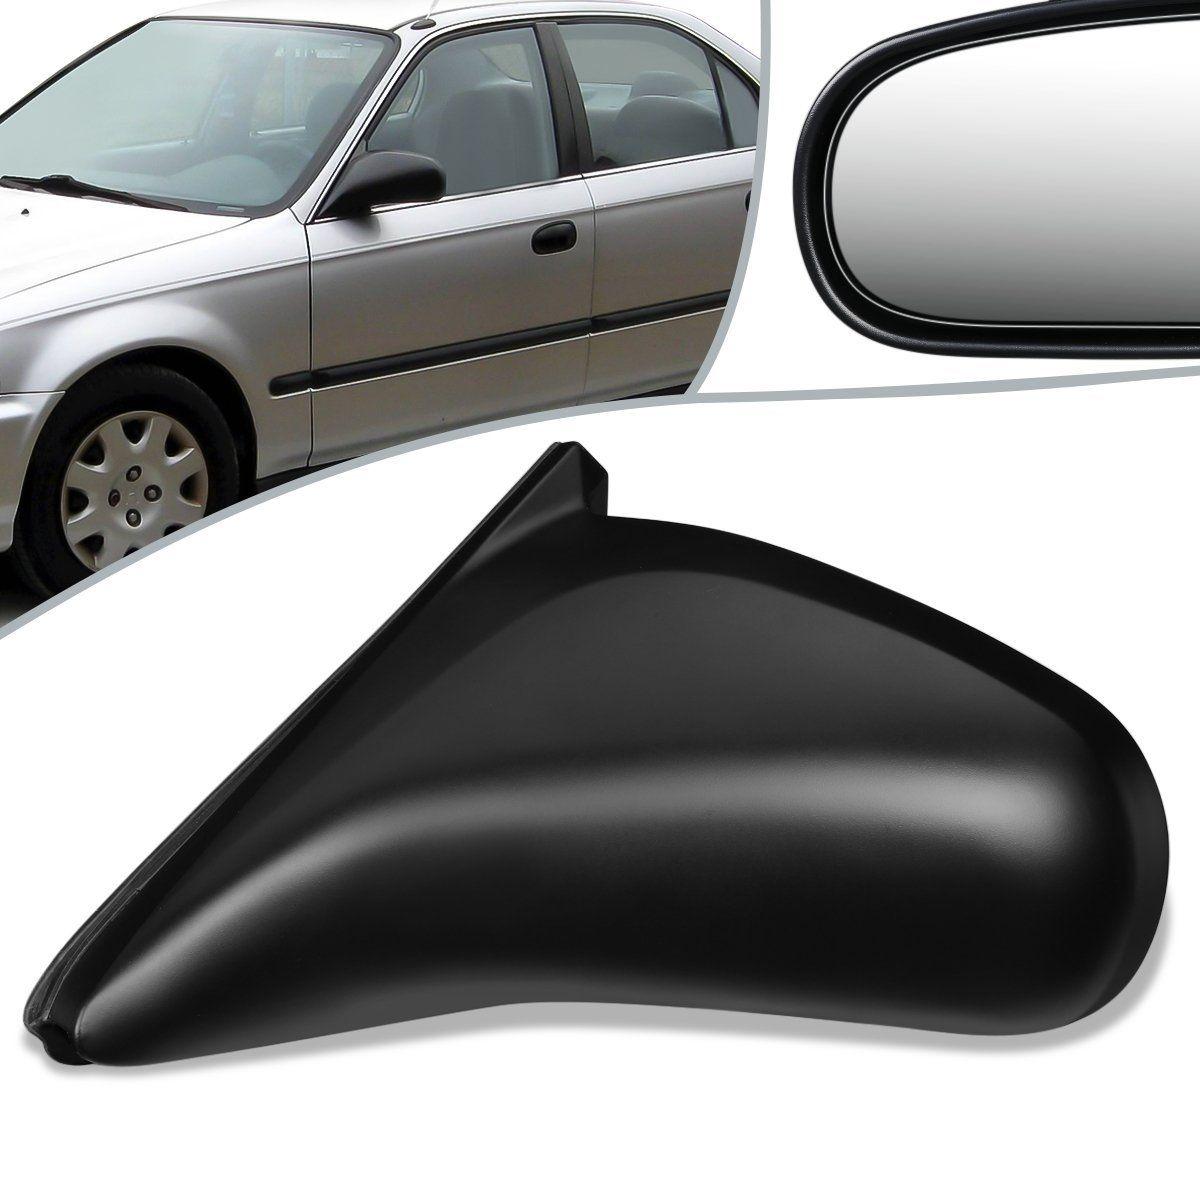 96 00 Honda Civic 2 Door Manual Left Driver Side Door Mirror Ho1320122 Honda Civic Mirror Door Civic